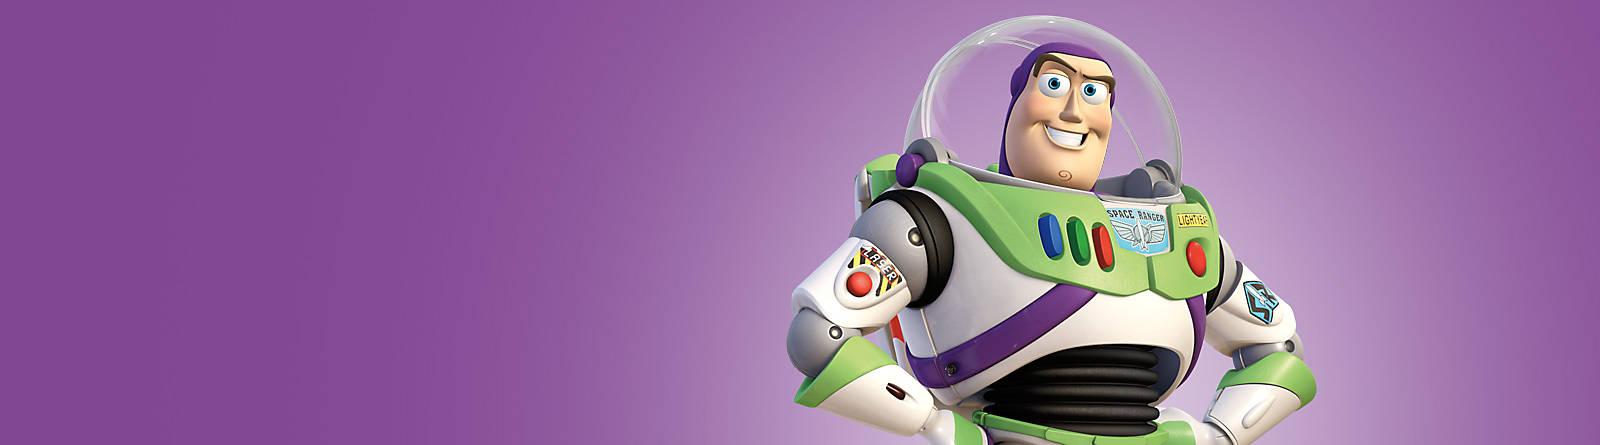 Buzz Lightyear Verso l'infinito e oltre! Scopri tutti i prodotti dedicati ai personaggi di Toy Story come i costumi, le action figure, peluche e giochi